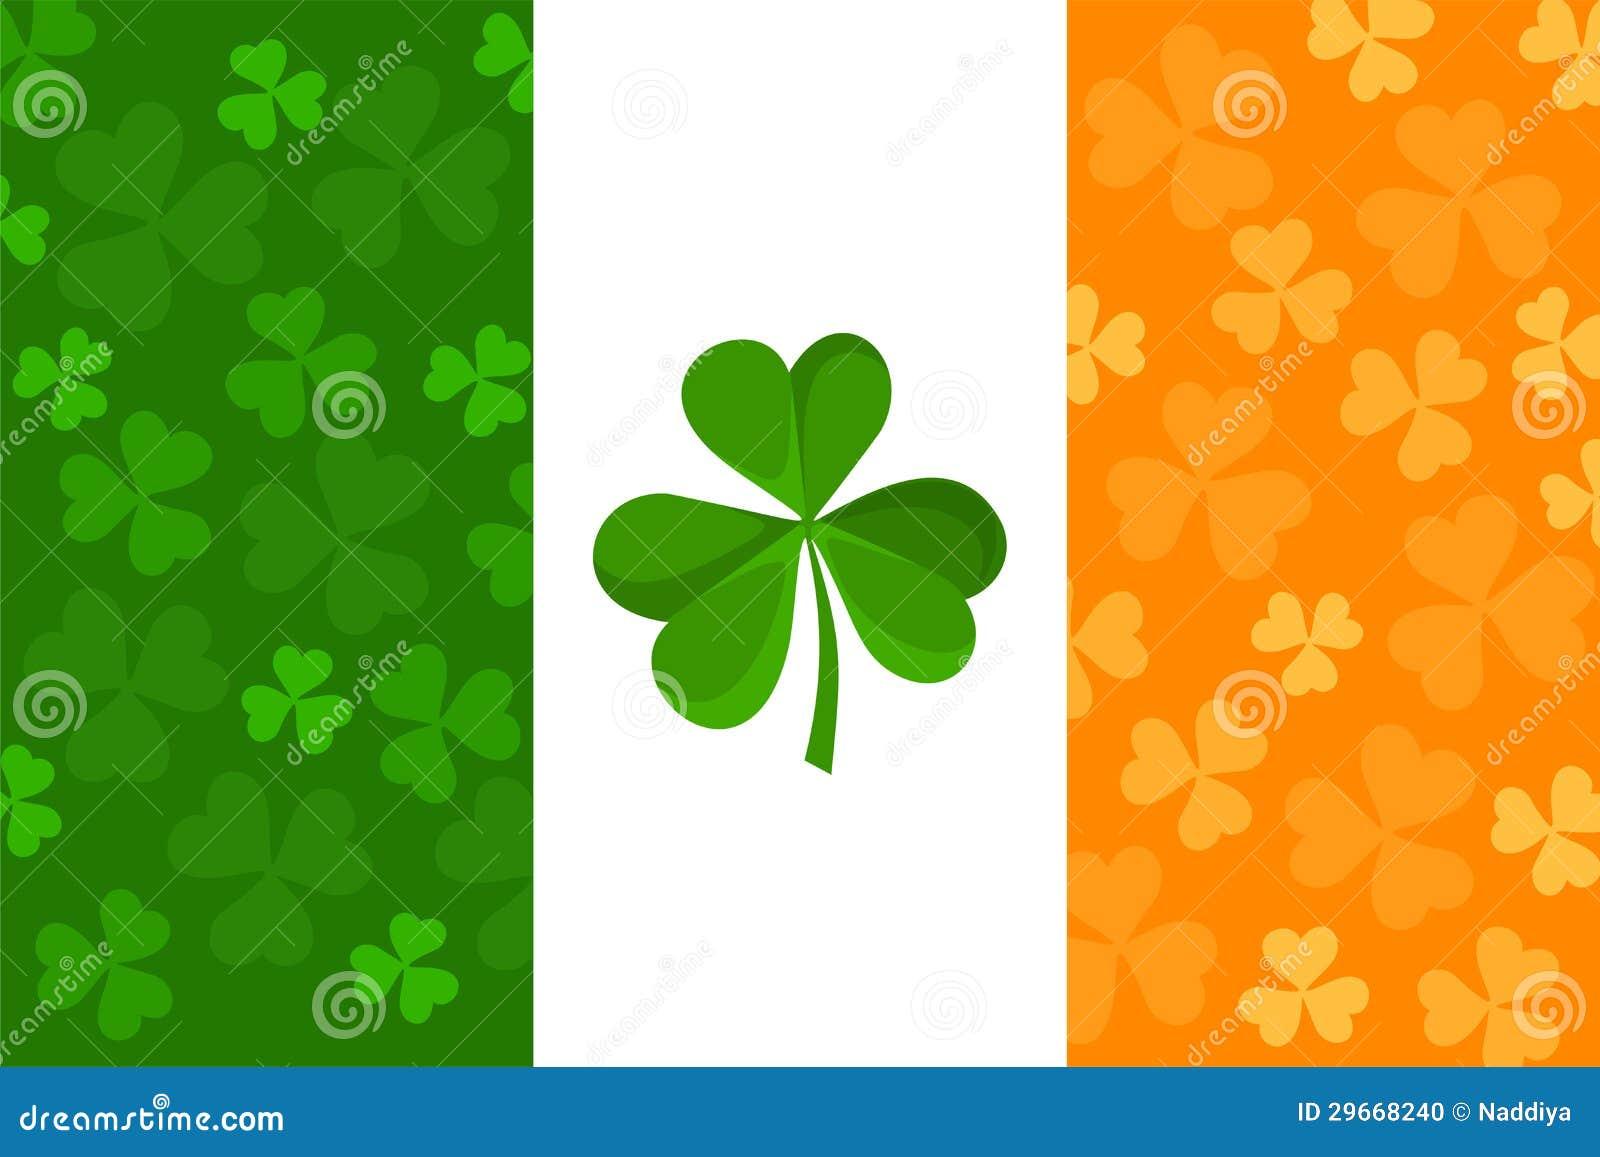 Irlandczyk flaga z shamrock wzorem.